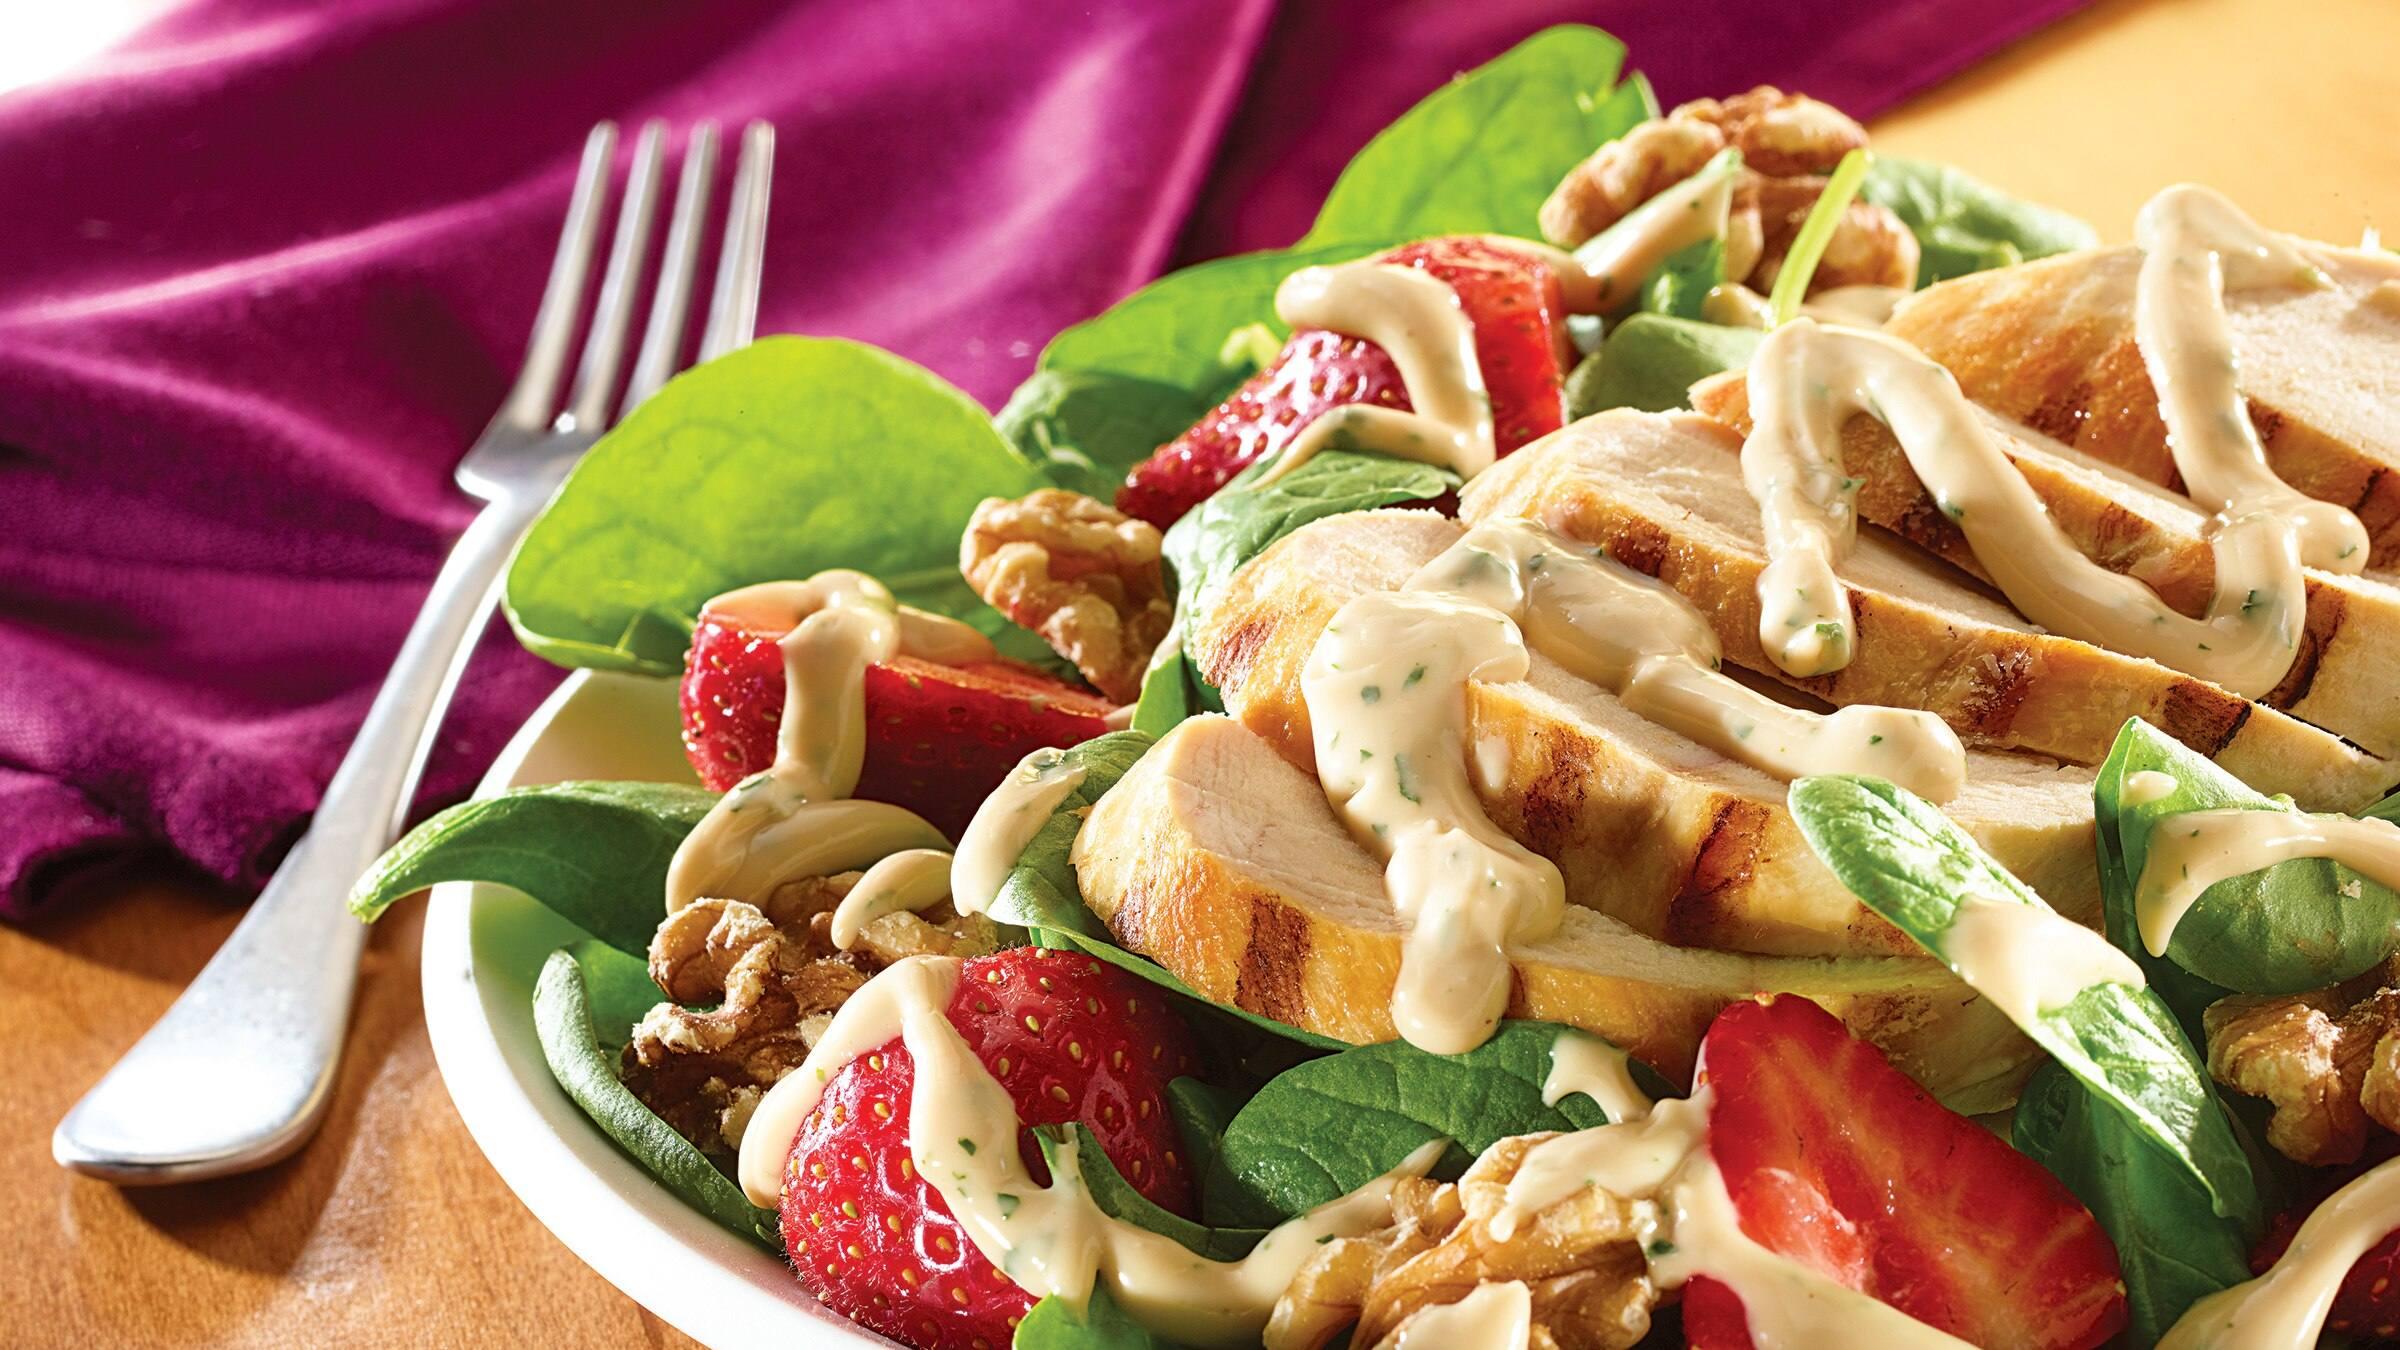 Creamy Balsamic Grilled Chicken Spinach Salad